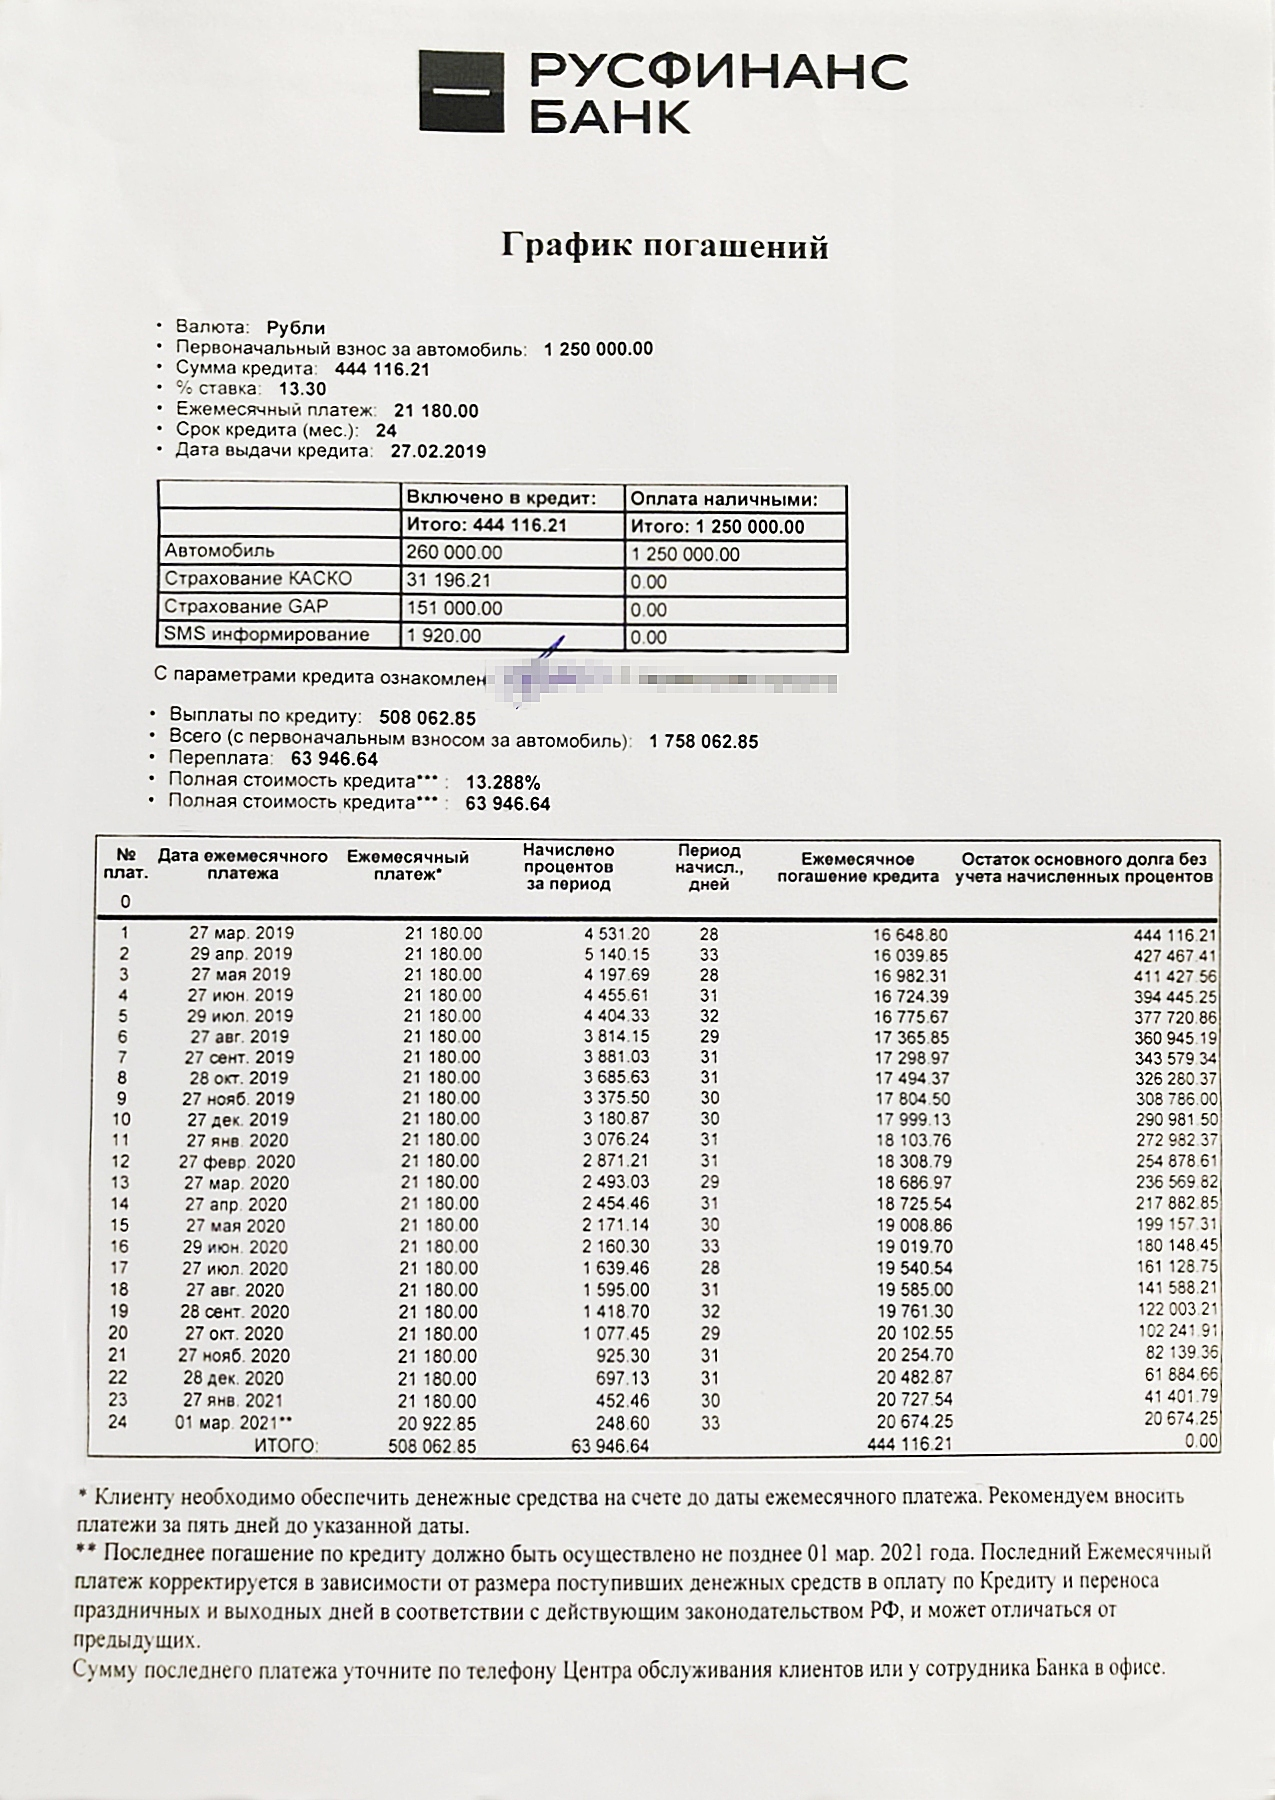 В графике видно, что размер кредита равен 260тысячам рублей, а к ним еще добавили 151тысячу за страховку GAP и 1920 р. за смс-информирование. Это увеличило тело кредита почти вдвое, как и размер процентов. Страховку вернули в страховую компанию в течение первых пяти дней. В кредитном договоре не было условия о повышении стоимости автомобиля или процентной ставки приотказе от страхования